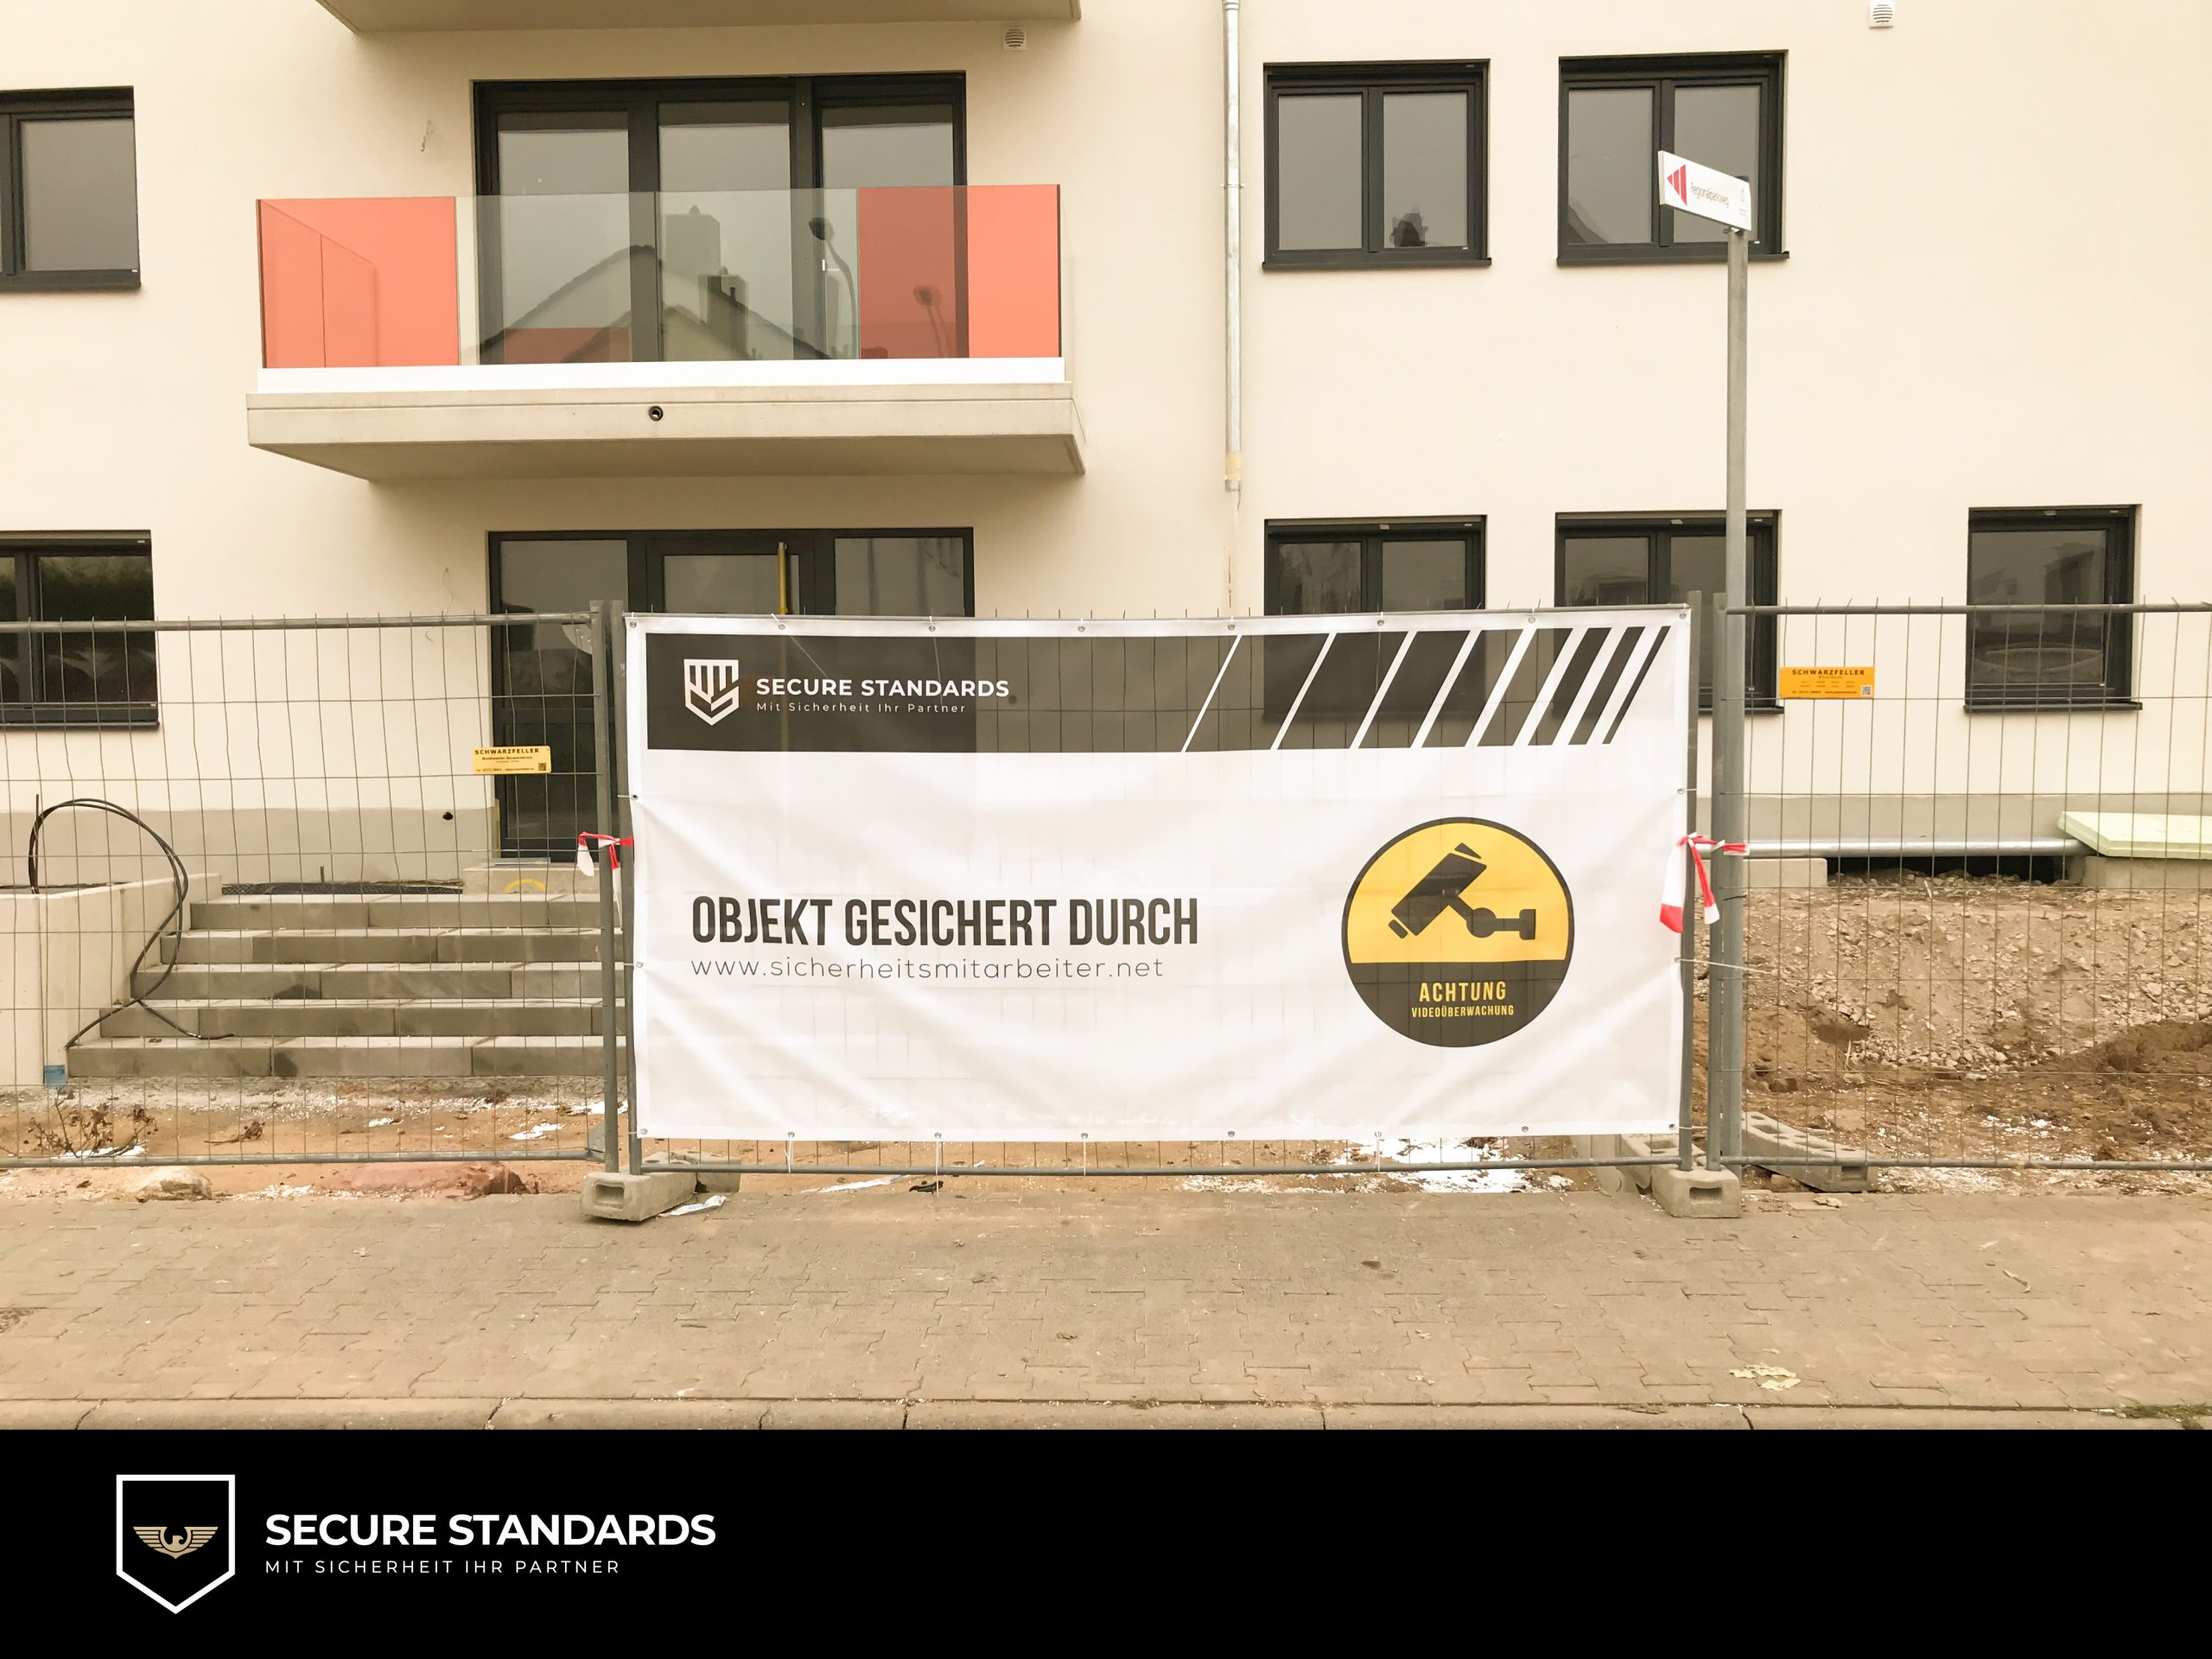 Baustellenschild am Zaun einer Baustelle in Langen